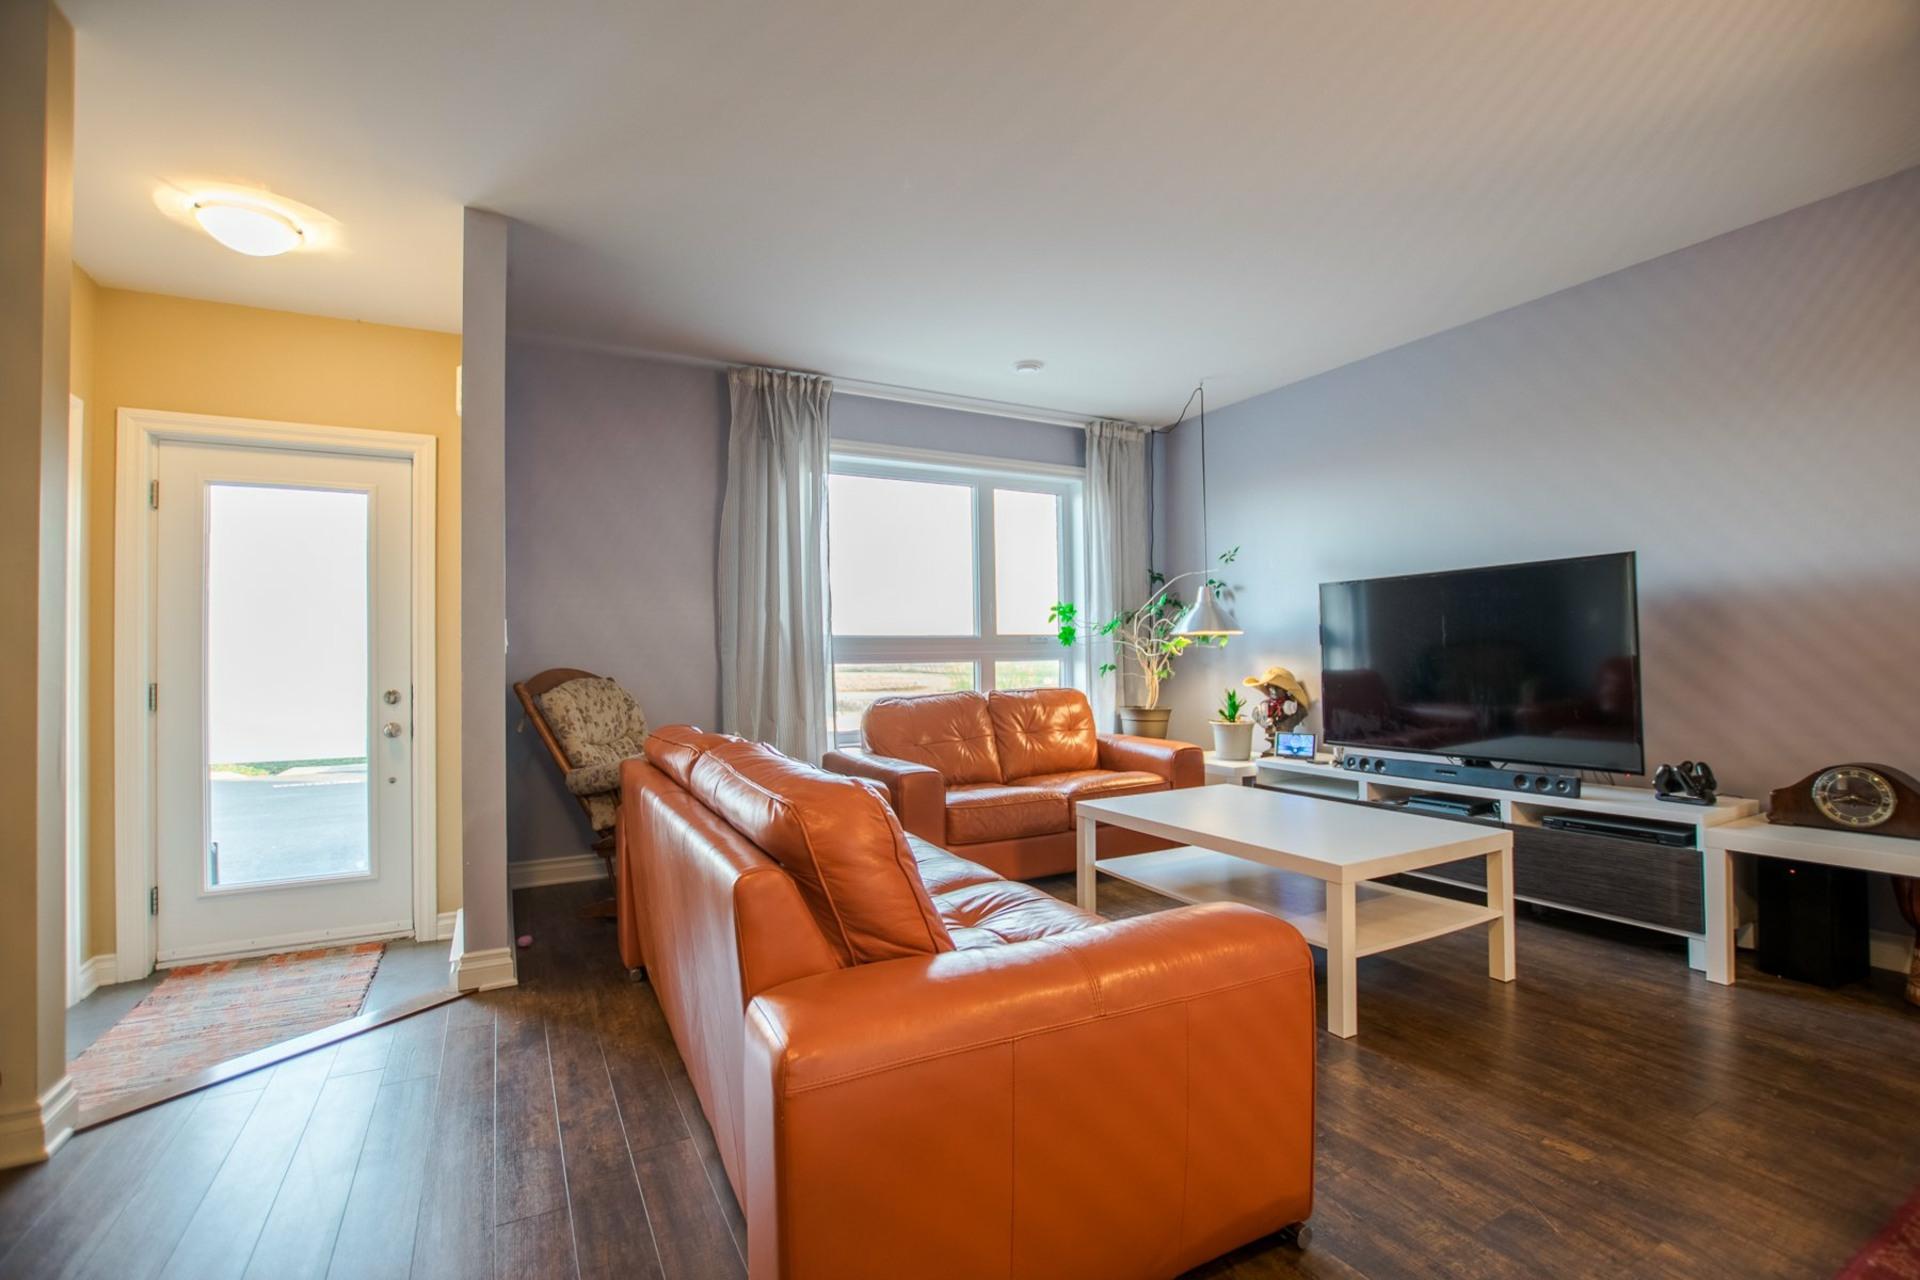 image 9 - MX - Casa sola - MX En venta Saint-Rémi - 11 habitaciones